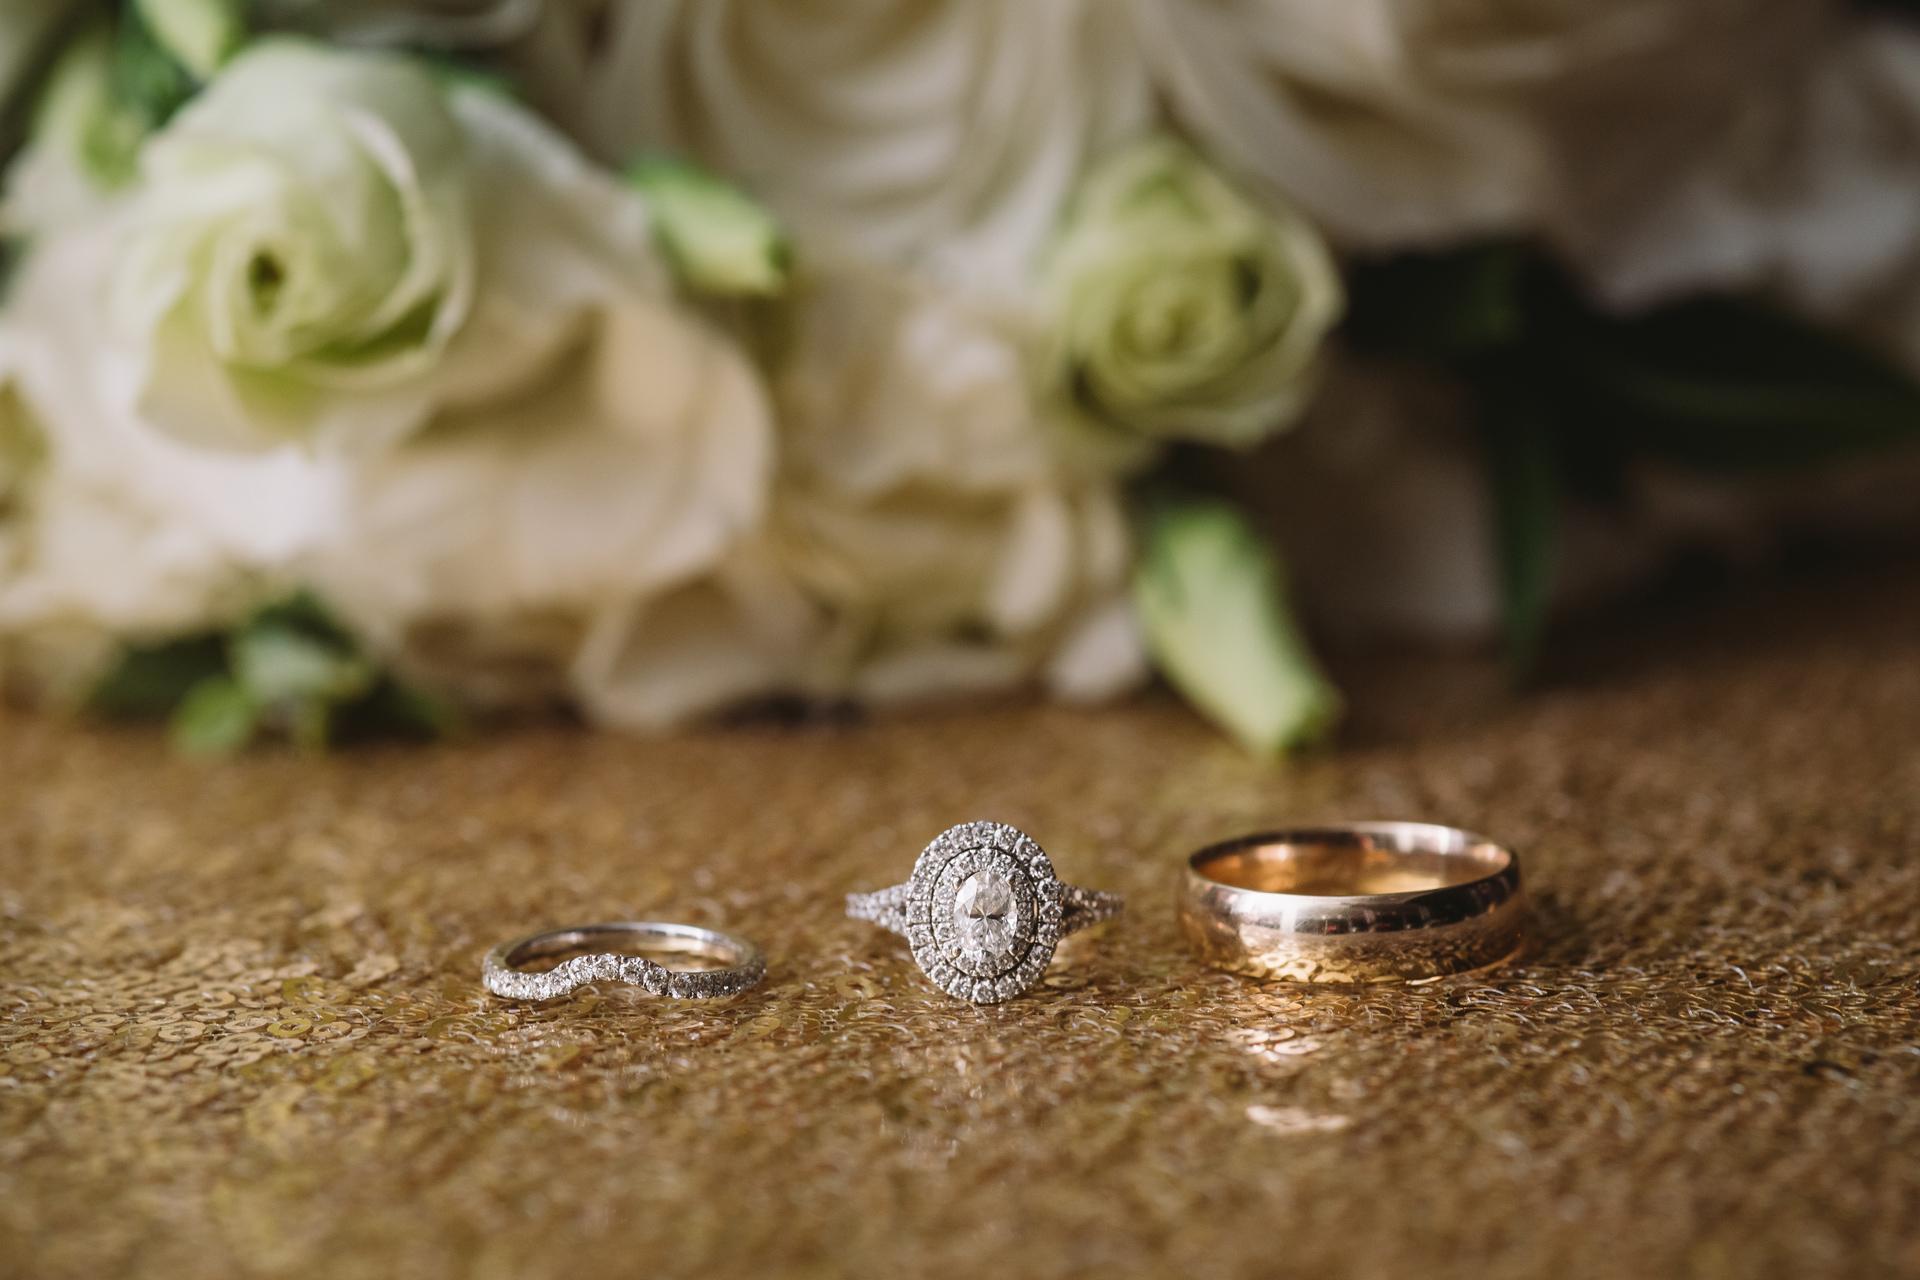 ring detail photos